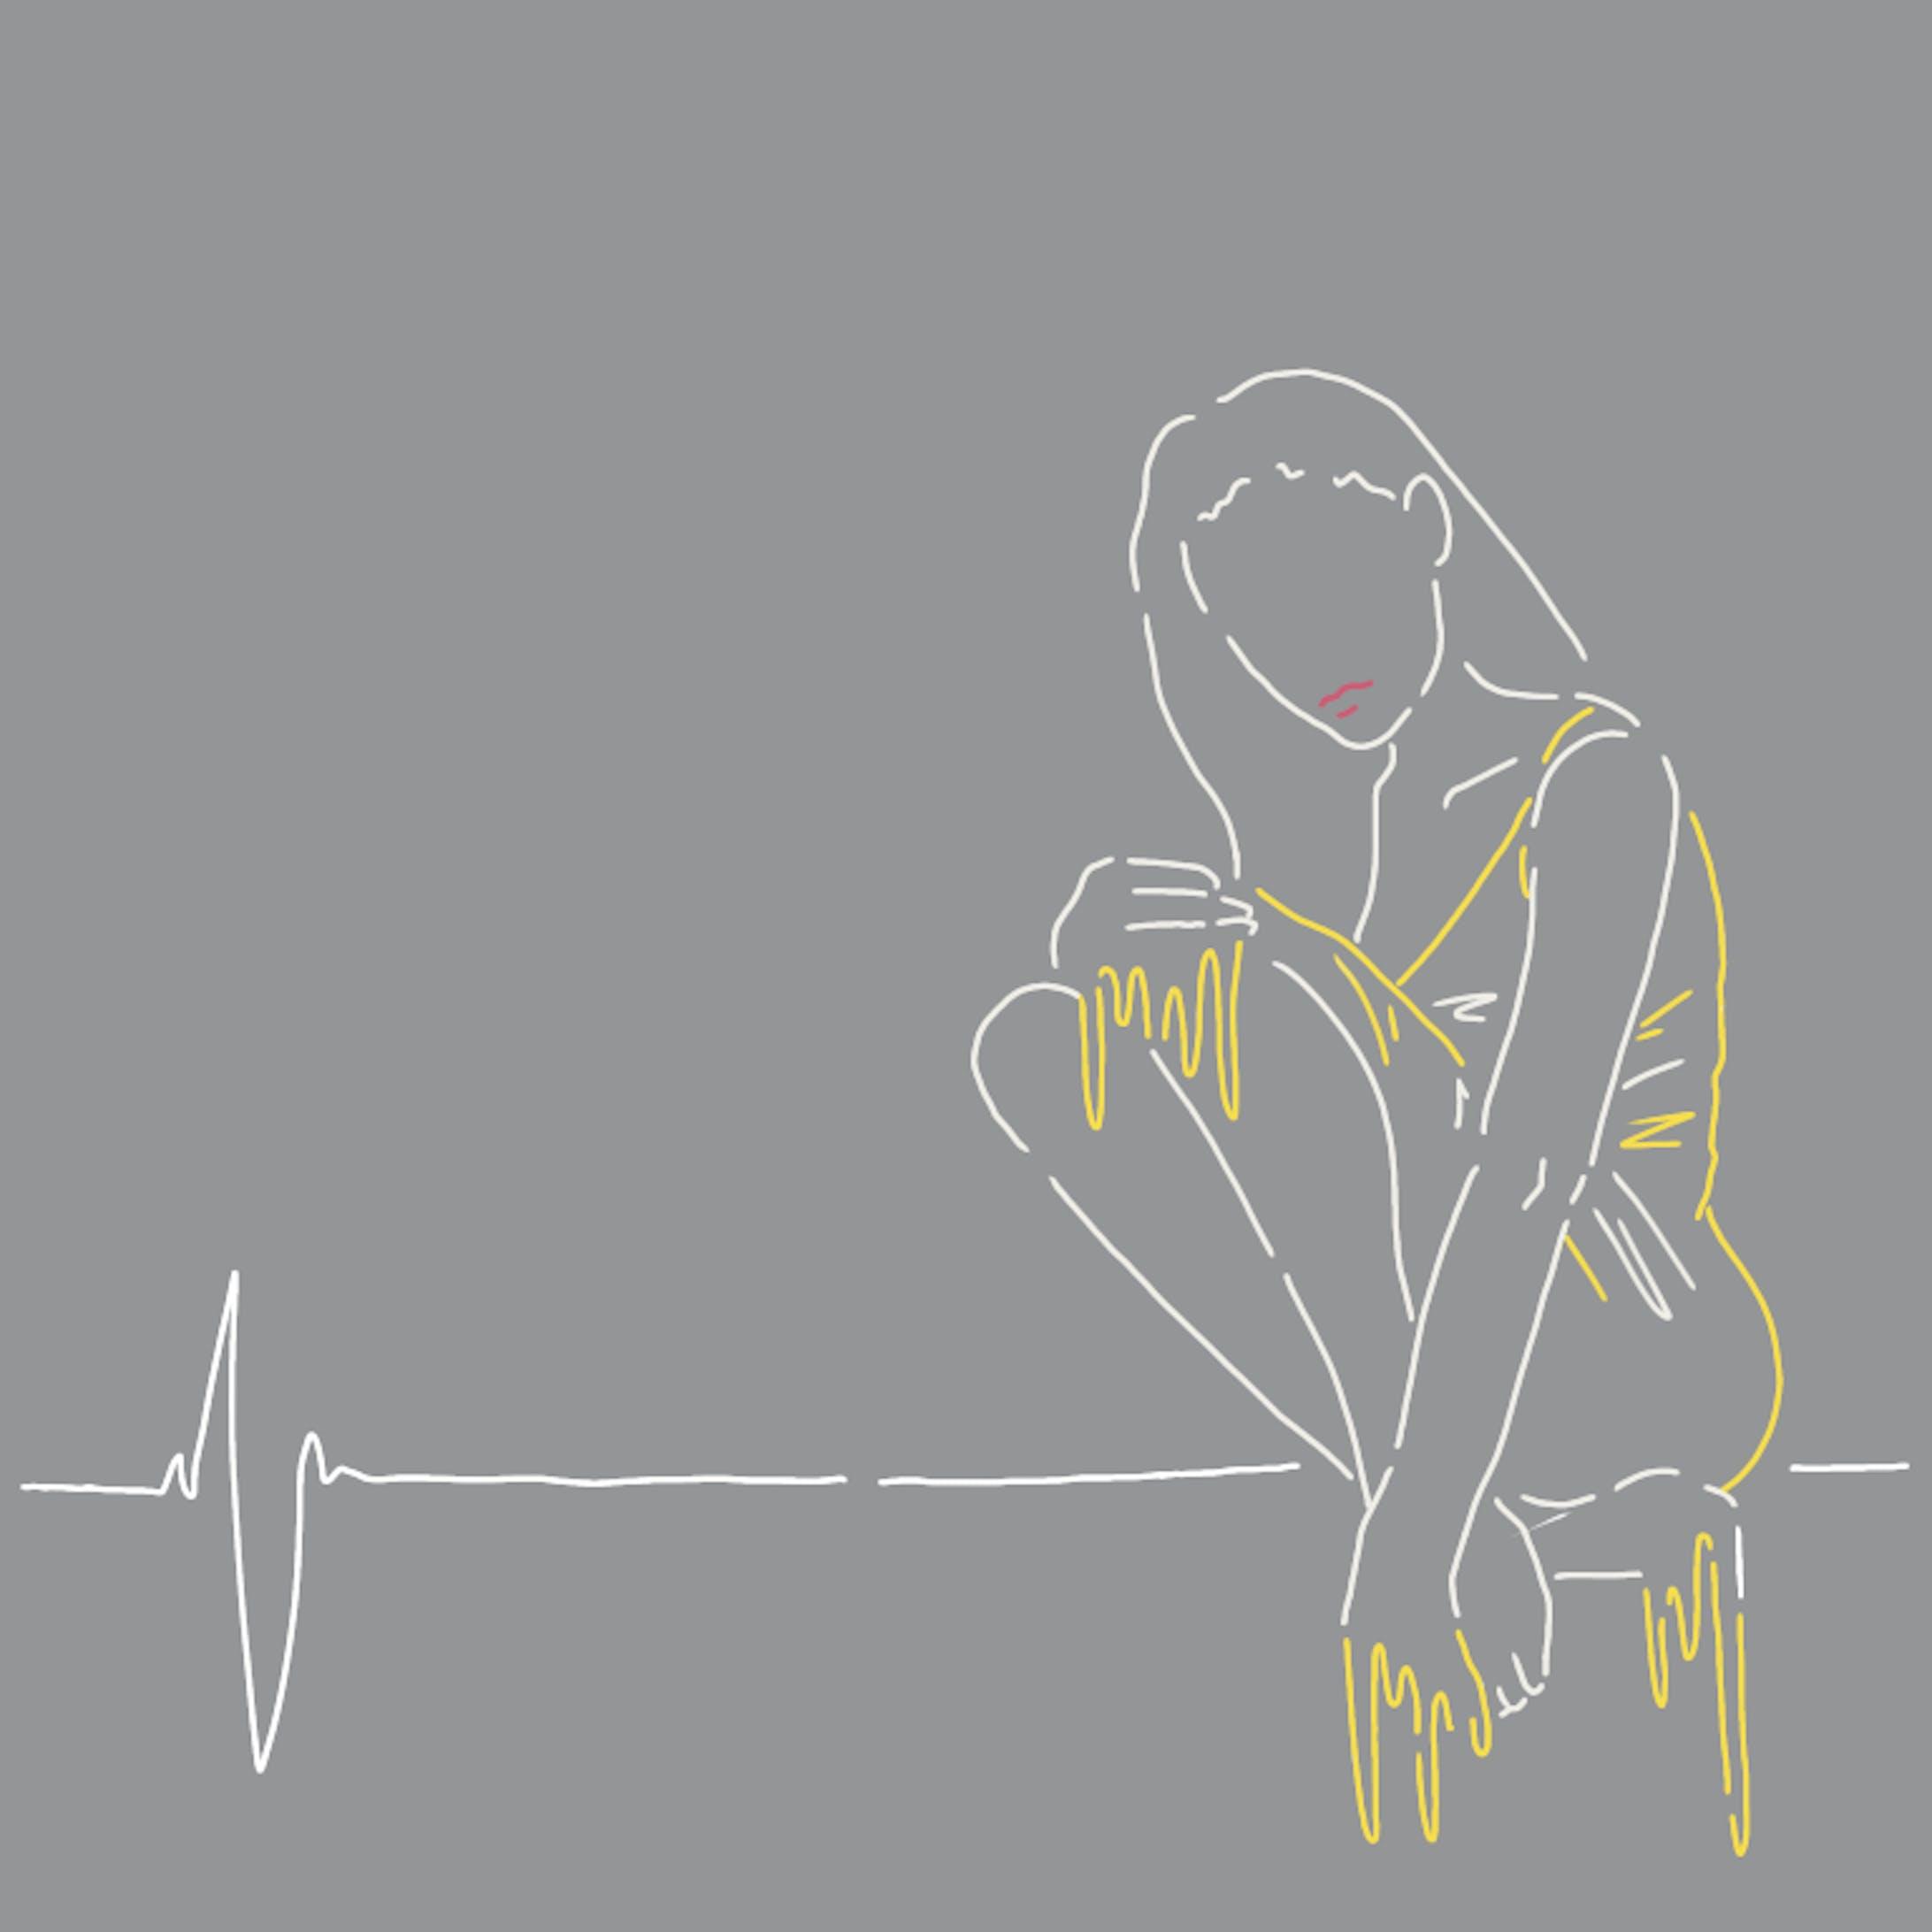 人物線画イラスト-4